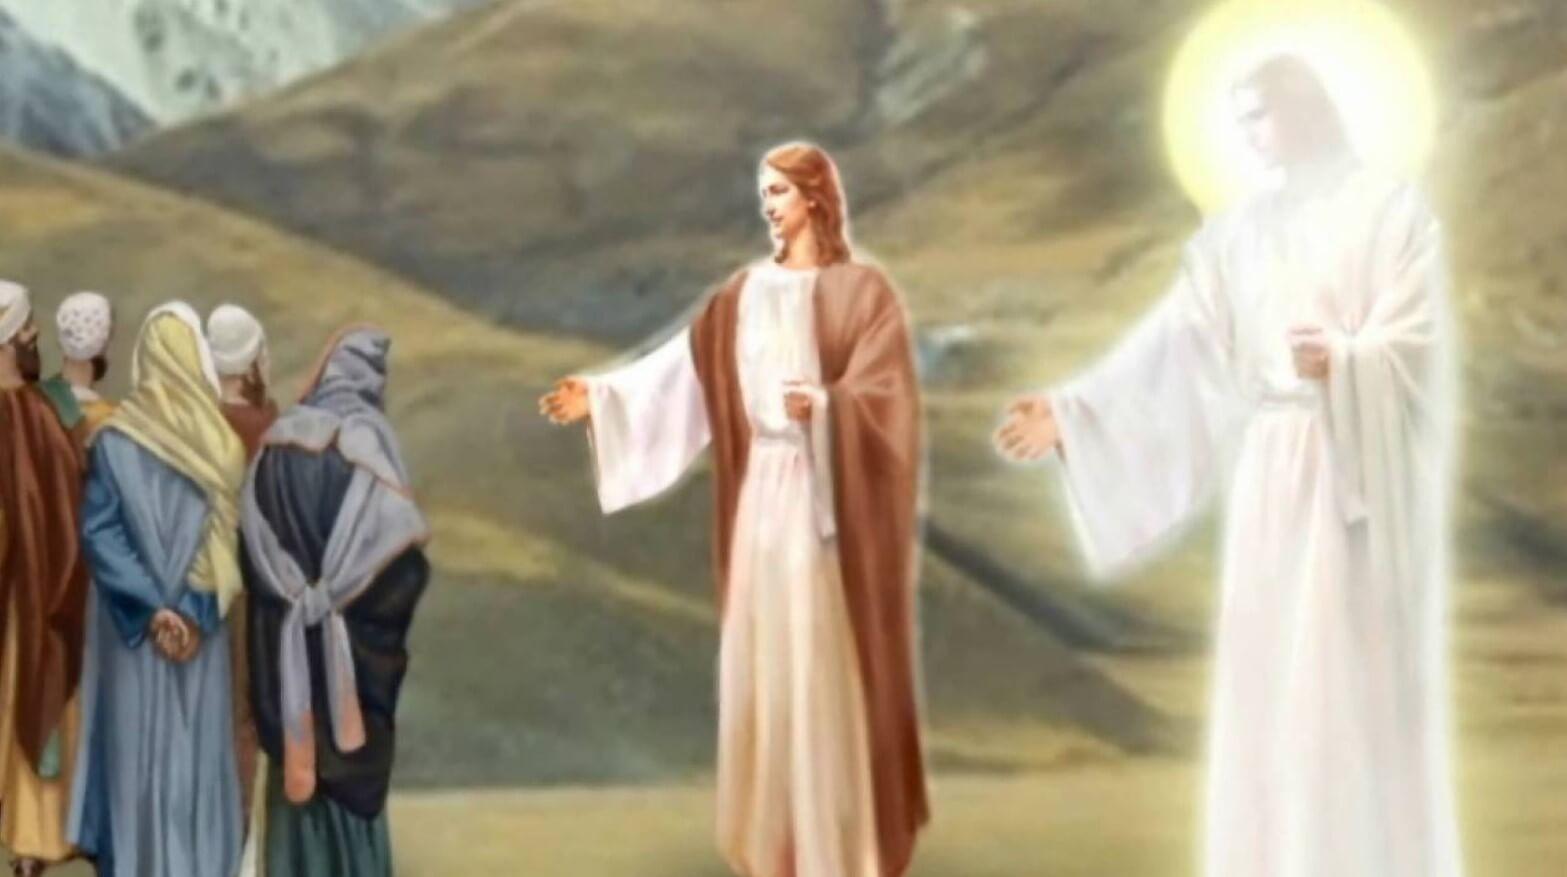 即使是耶稣,在本族本乡也不被接受